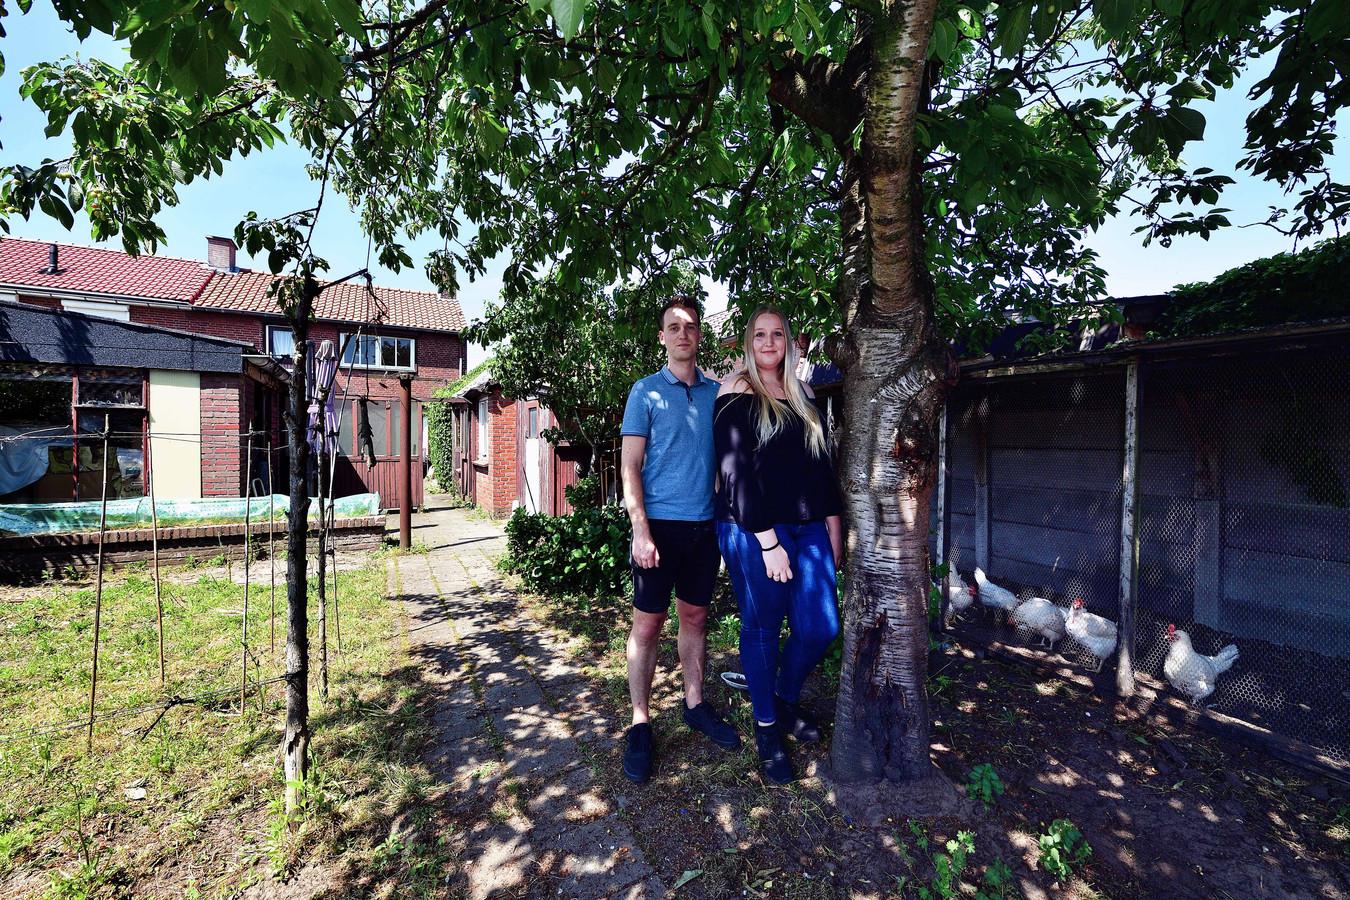 Sylvana Touz (21) en Marco van der Logt (27) zijn nu gelukkig met hun keuze voor een opknapwoning.